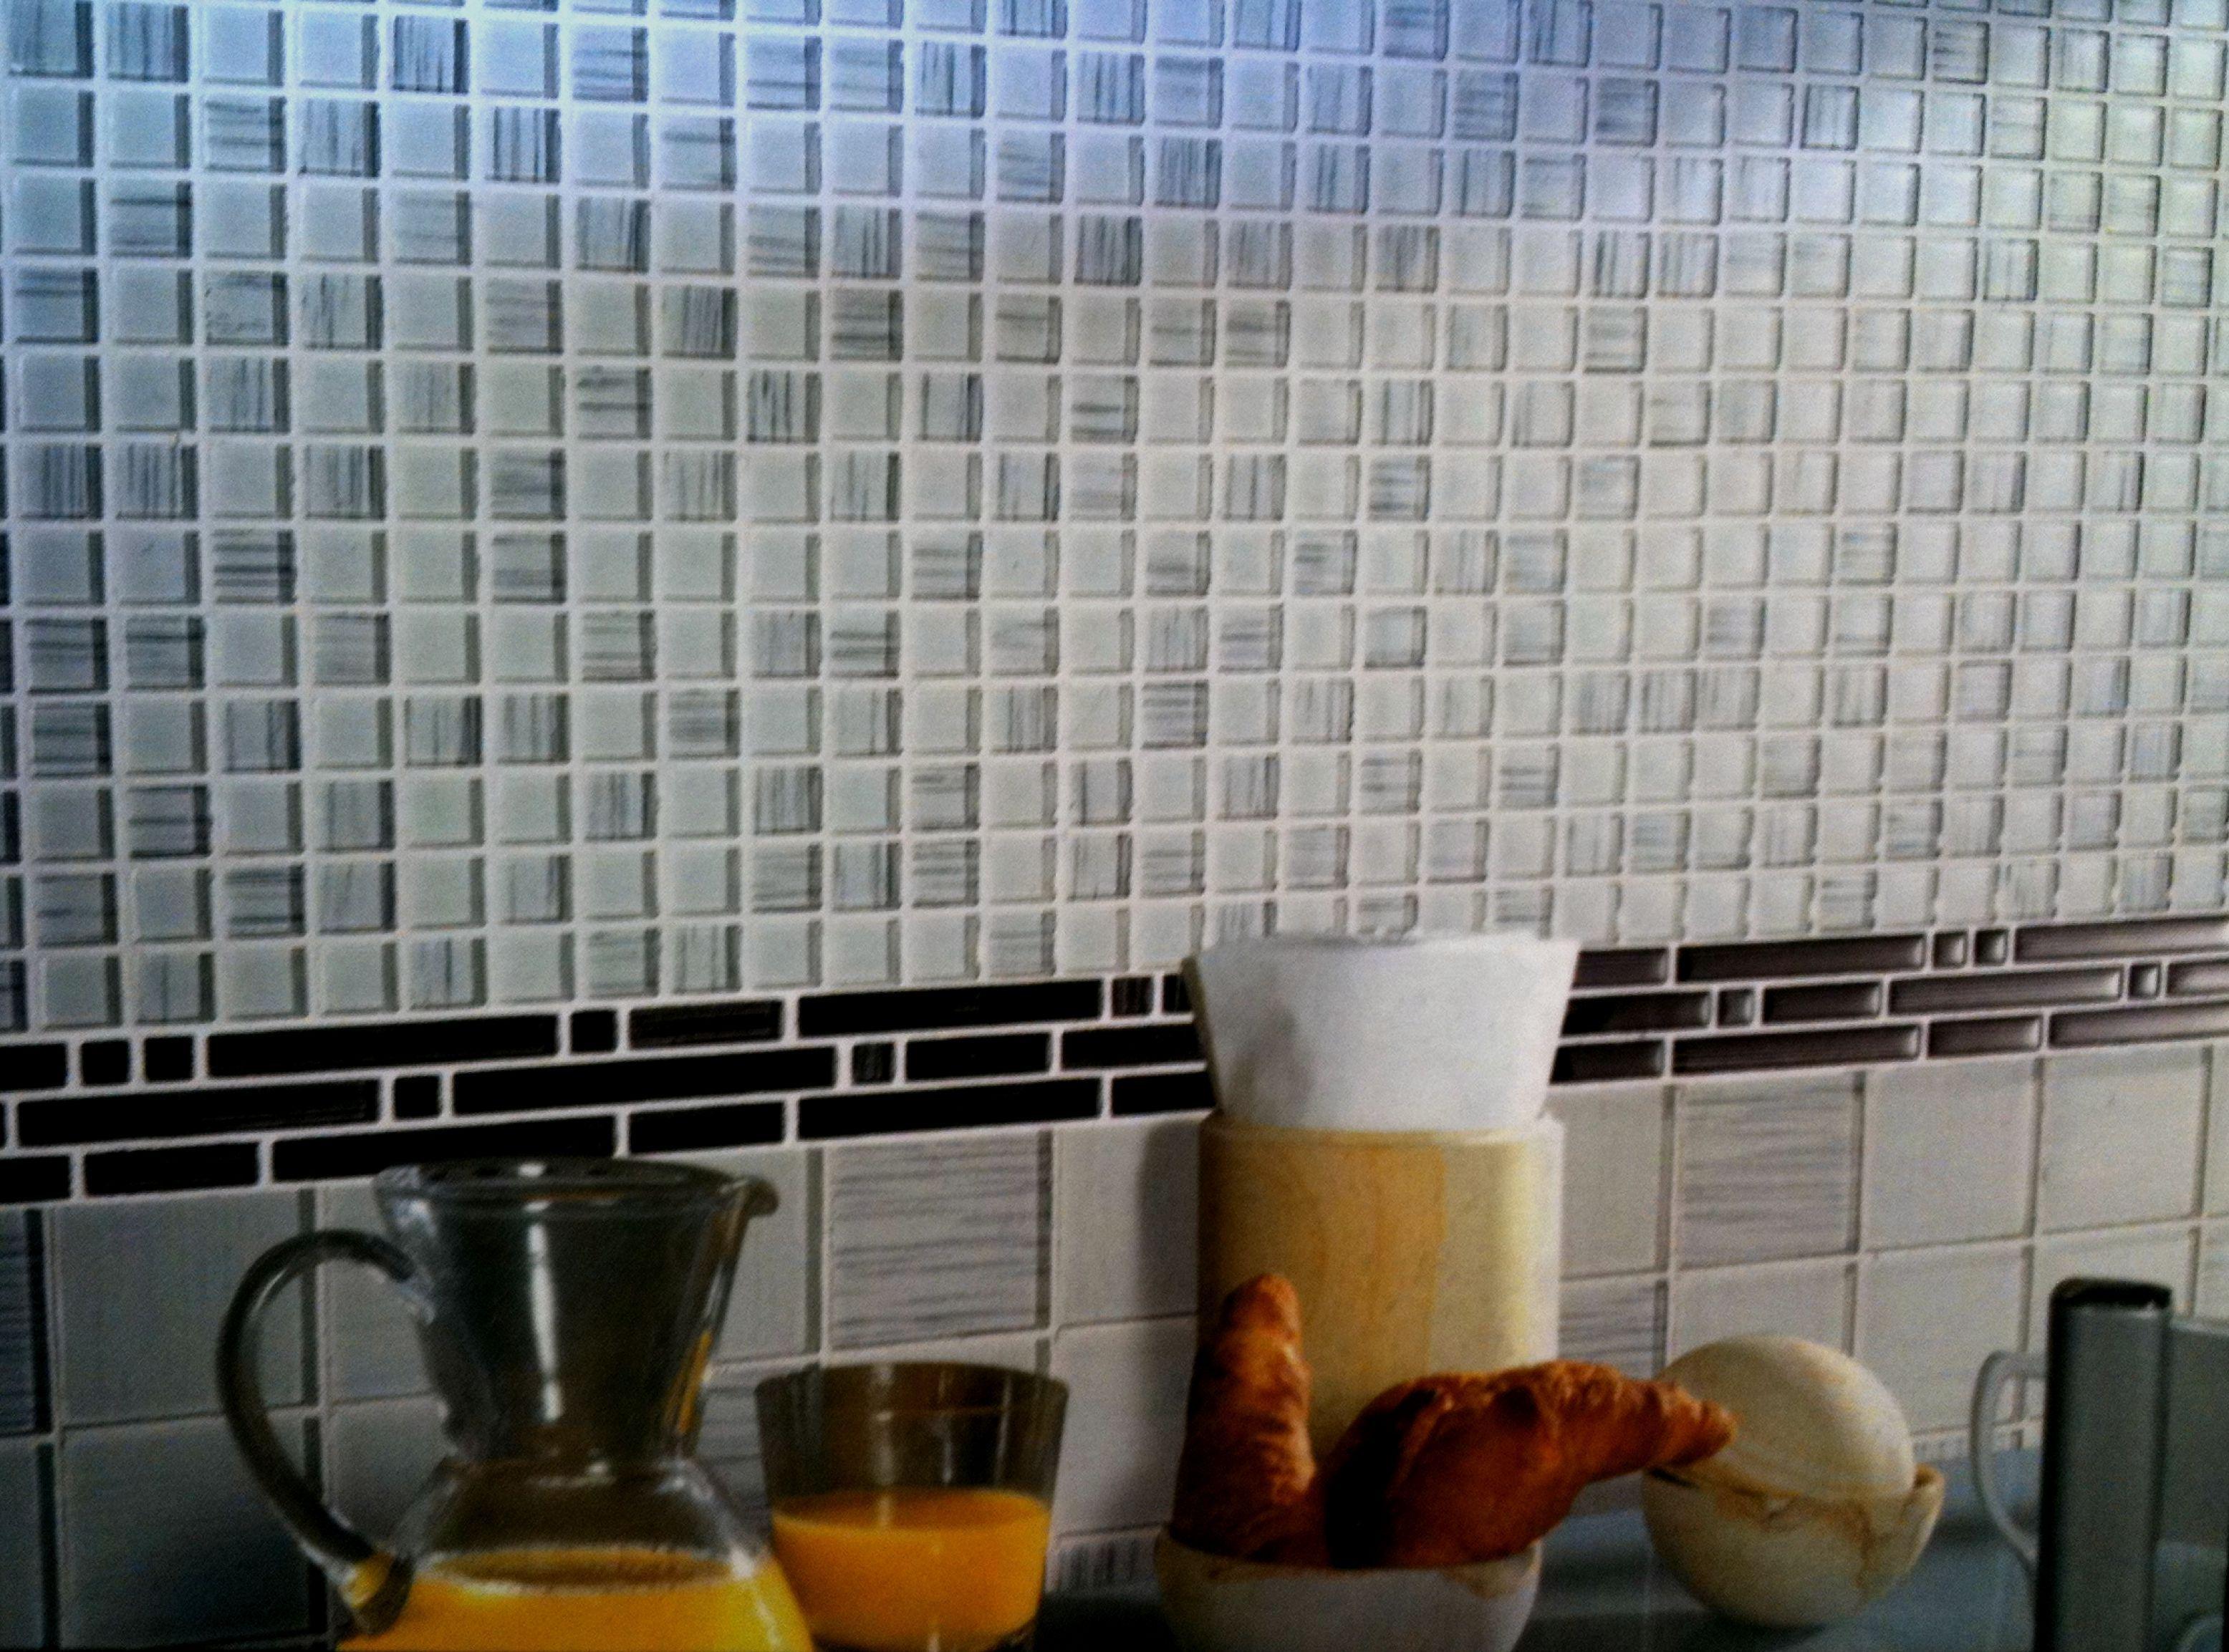 Glass Mosaic Kitchen Backsplash From Installing Glass Backsplash In